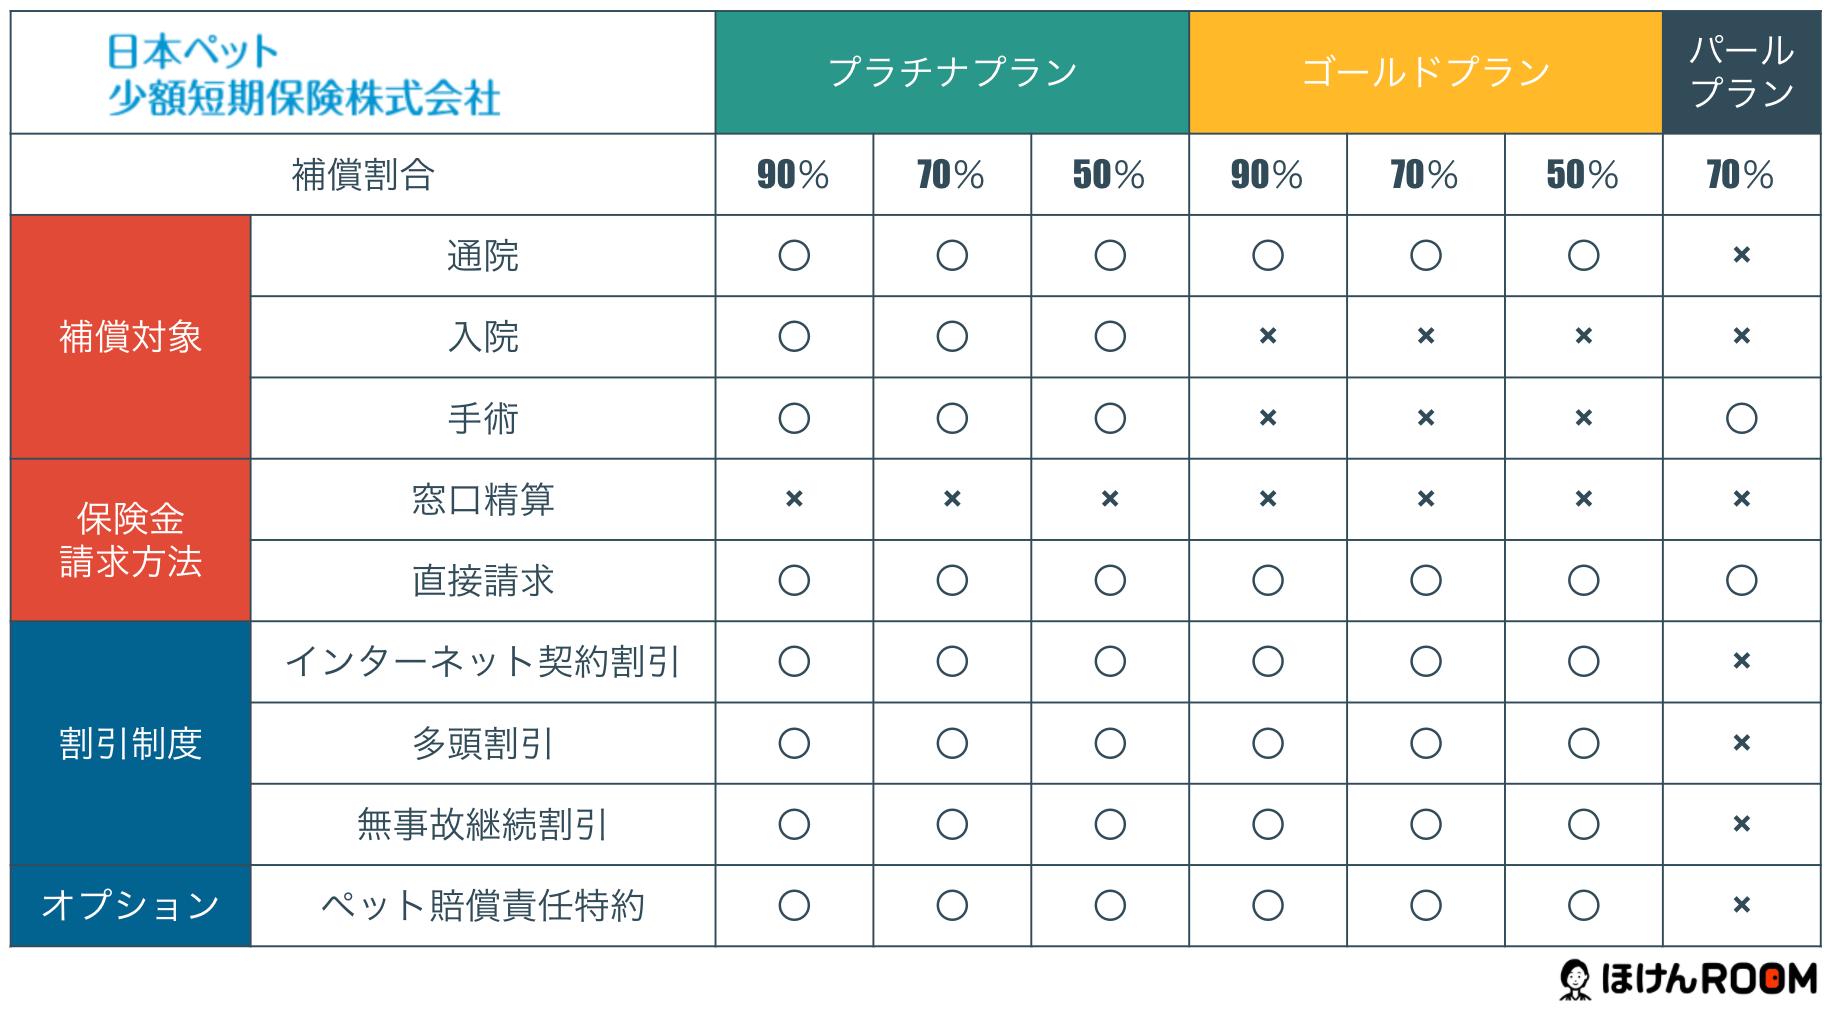 日本ペット少額短期保険の「いぬとねこの保険」のプラン